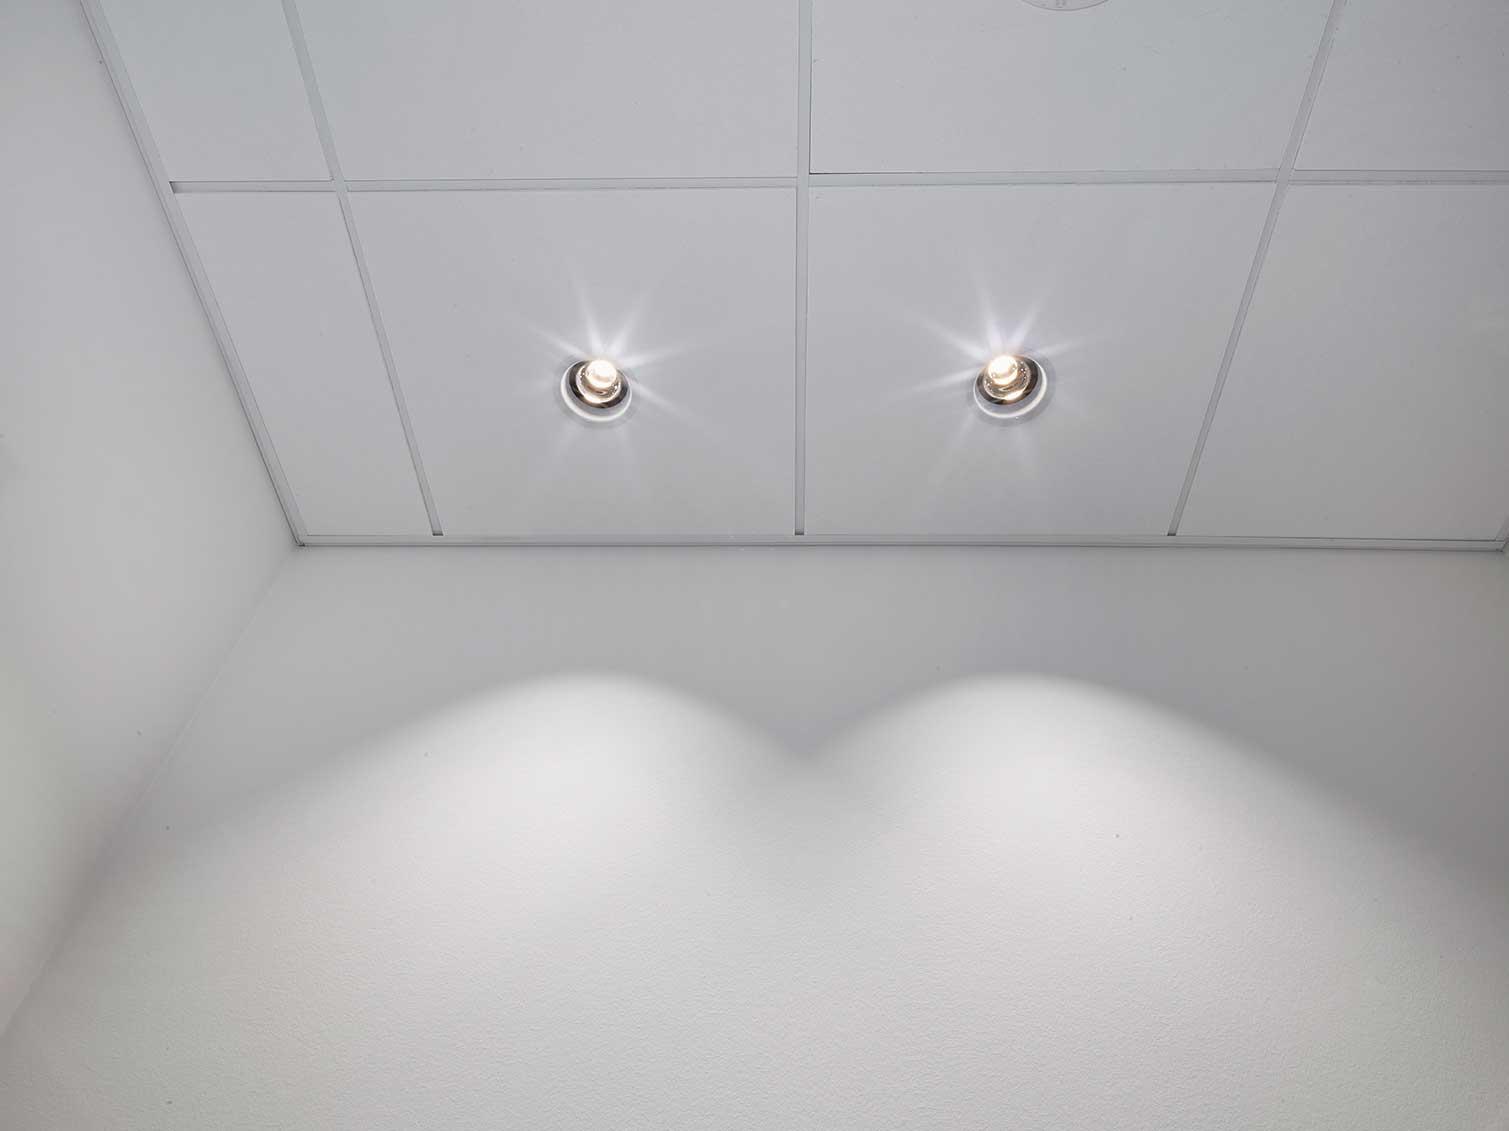 EDLR 195 indbygget i loftet langs gang, placeret langs væggene for at give et lysspil derpå nærbillede - Luminex